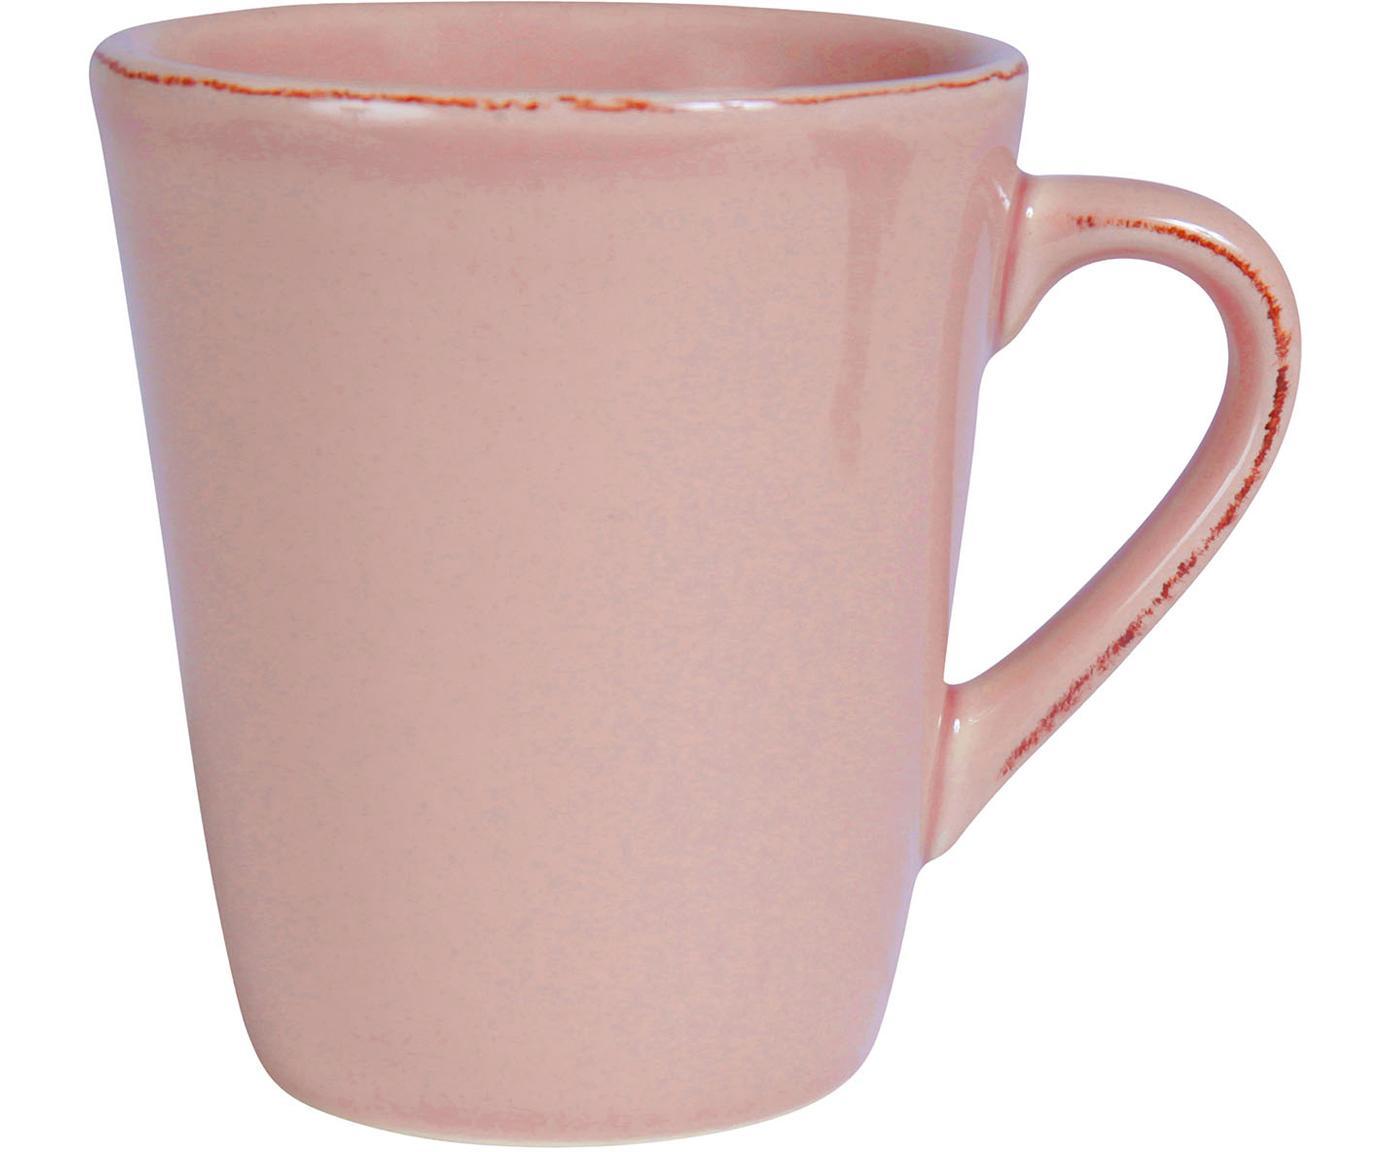 Koffiemokken American, 2 stuks, Keramiek, Roze, 9 x 11 cm